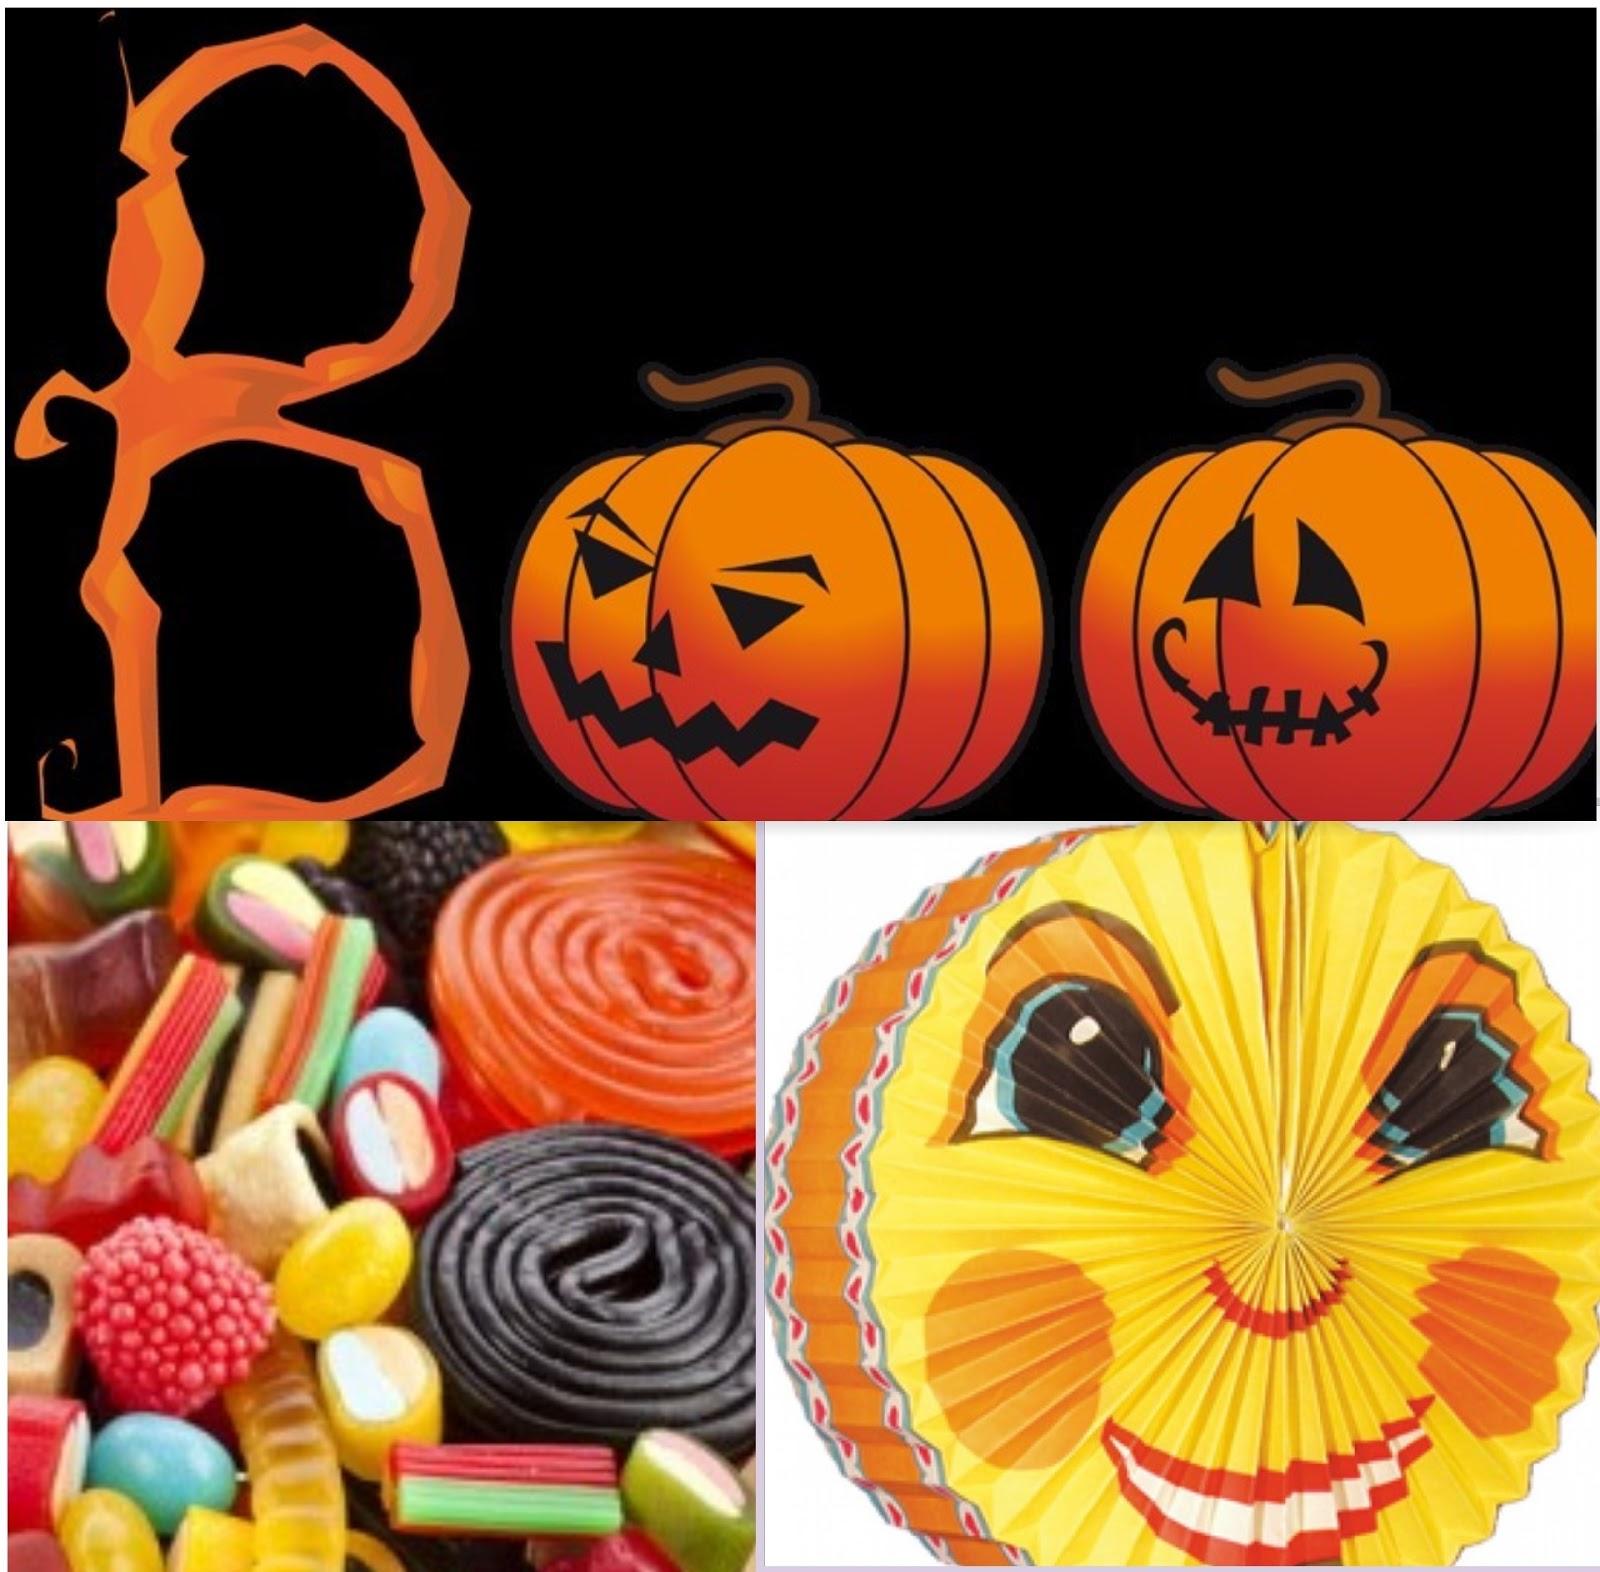 Waar Wordt Halloween Gevierd.Halloween 31 10 Vs Sint Maarten 11 11 Scary Vs Sweet Eng